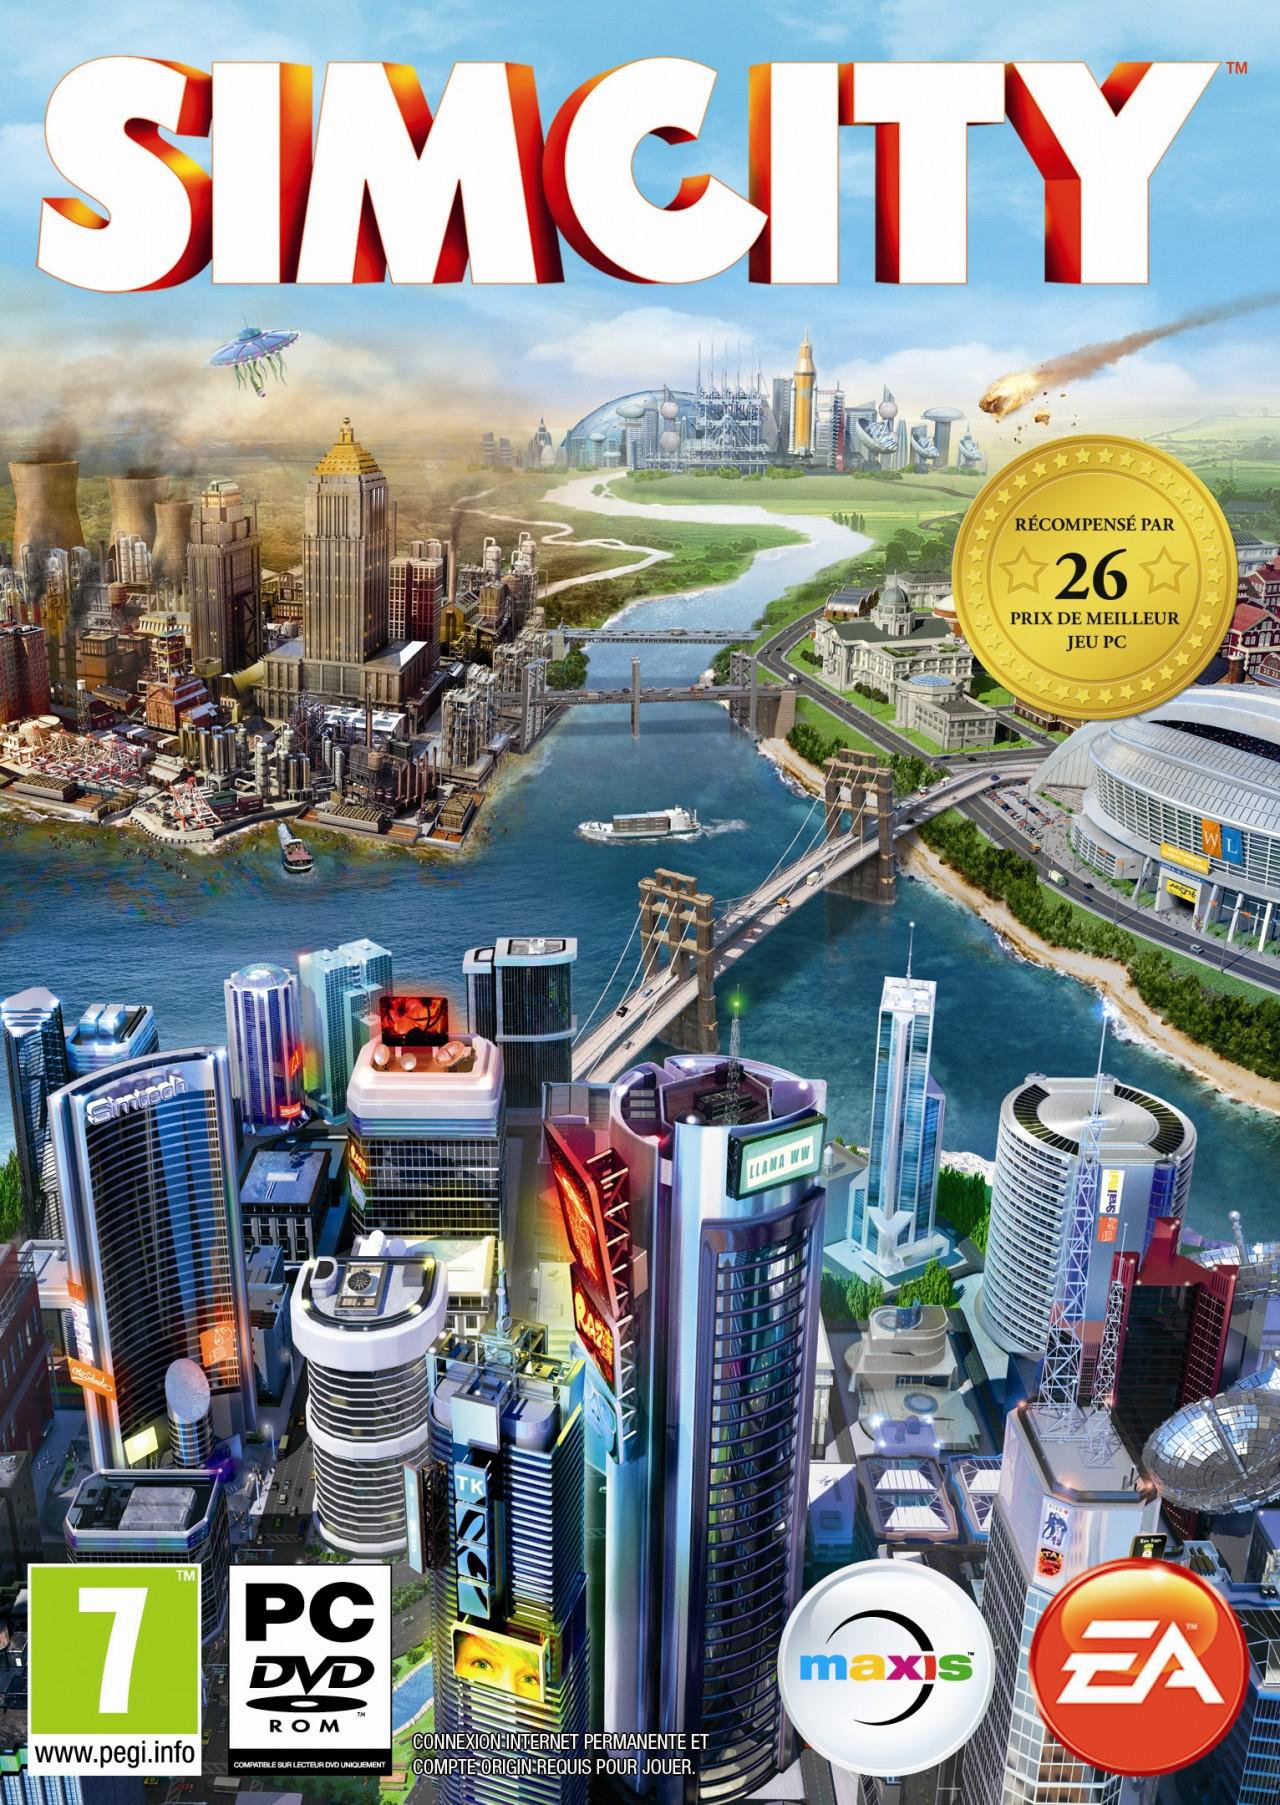 Simcity Offert avec les APU AMD (Voir meilleurs prix en description)